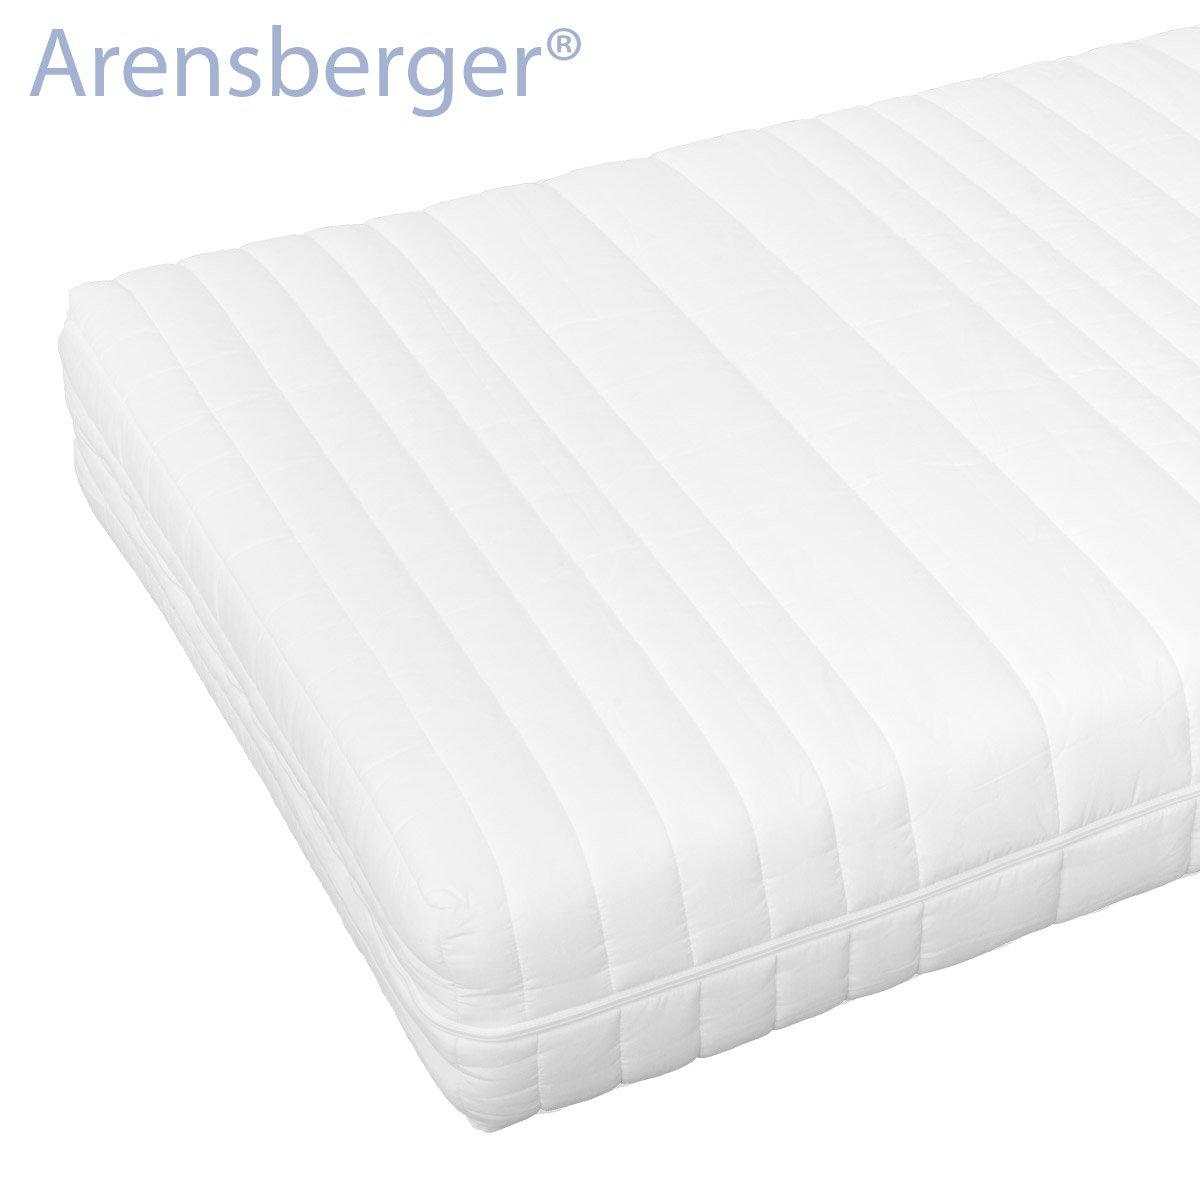 Arensberger 2580 11-Zonen Traumpur-20 Matratze RG30 mit Nanocell Kern, 140 x 200 x 20 cm, 110 kg jetzt bestellen